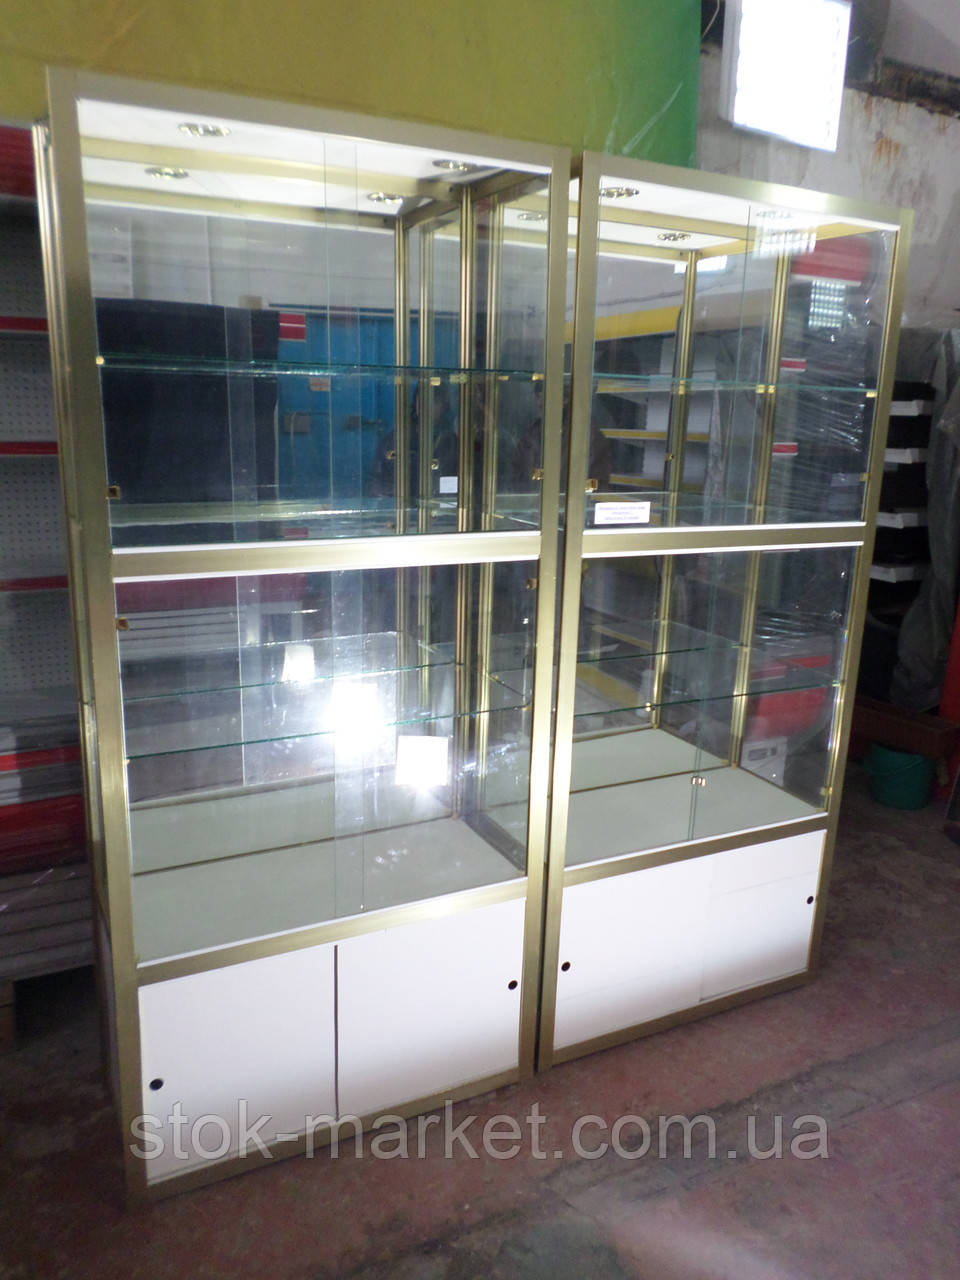 Витрина стекляная, прилавок под стекло, стеллаж стекляный, витрина для выставки товара под стеклом, шкаф со ст